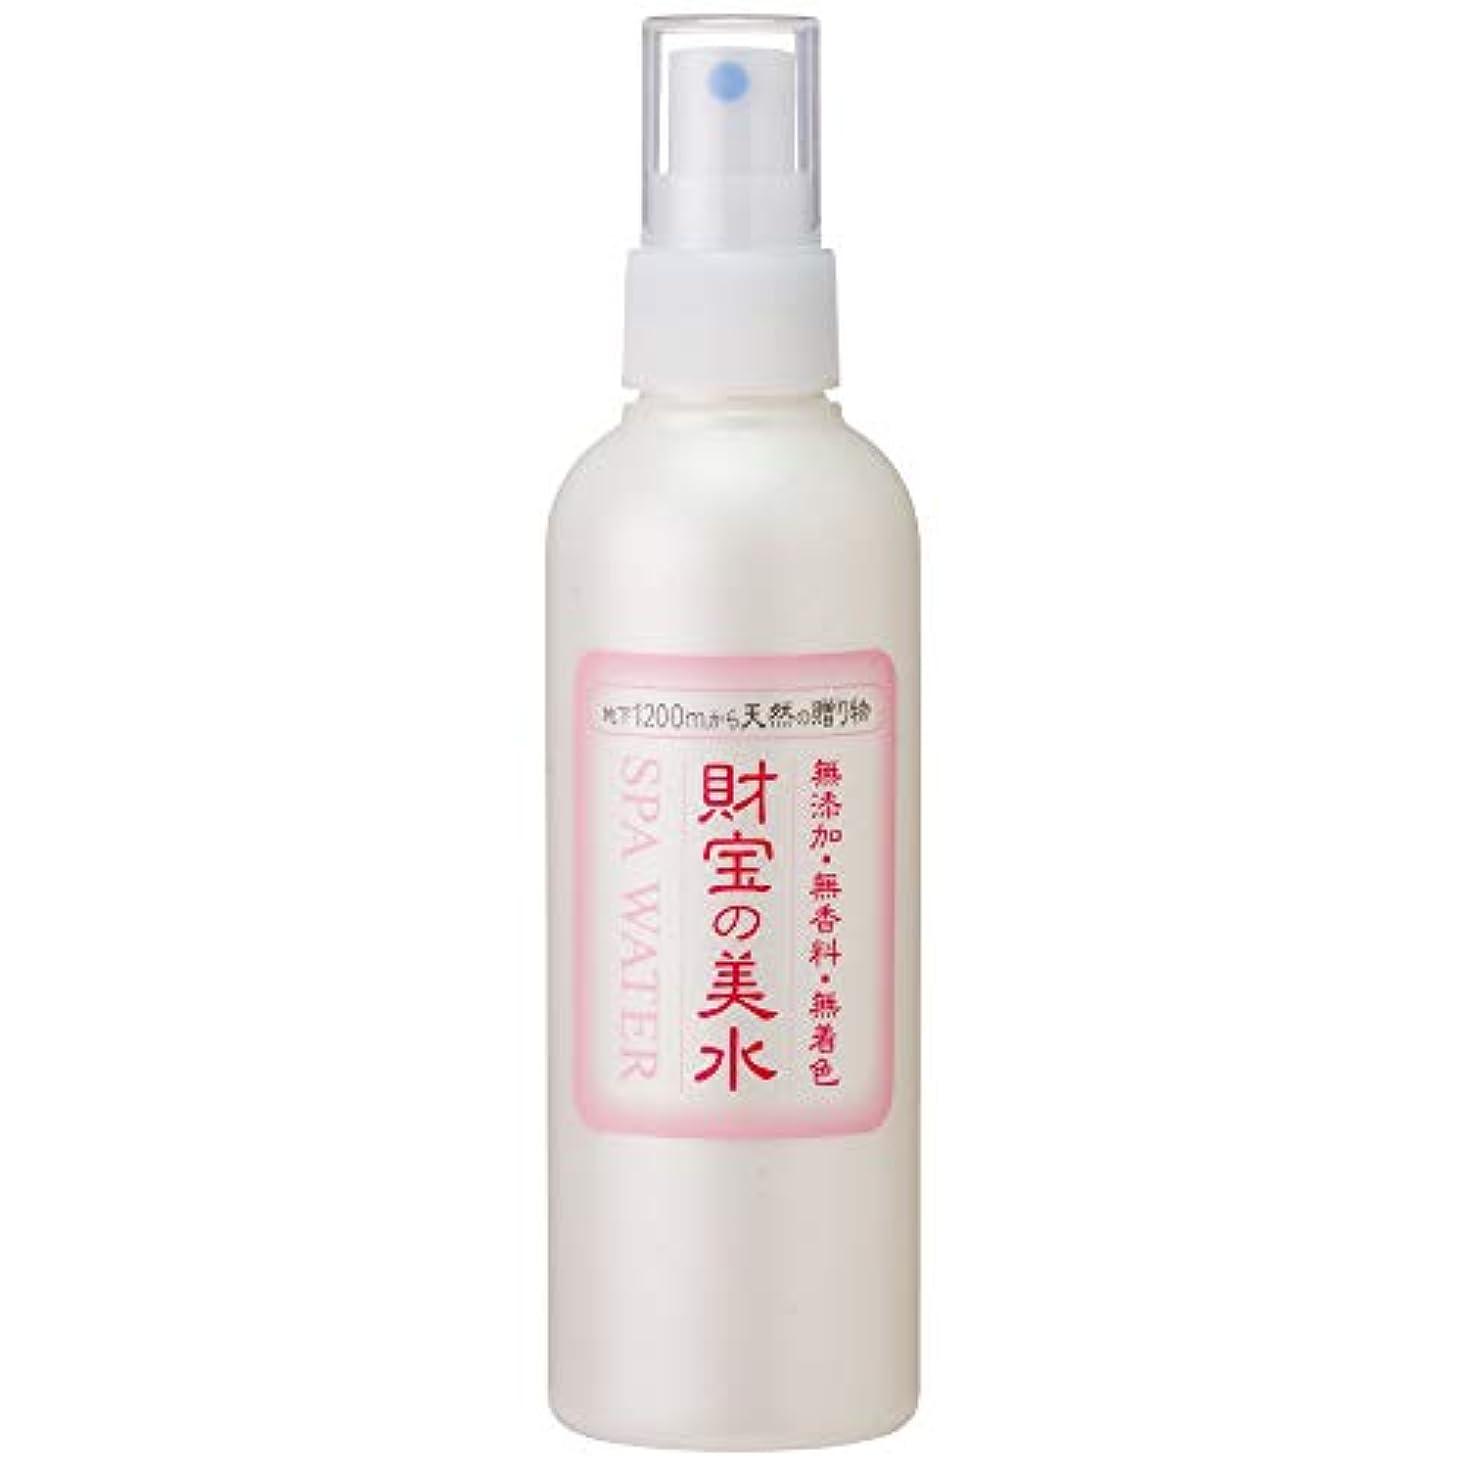 アジャ十分貼り直す財宝 温泉 美水 ミスト 化粧水 200ml